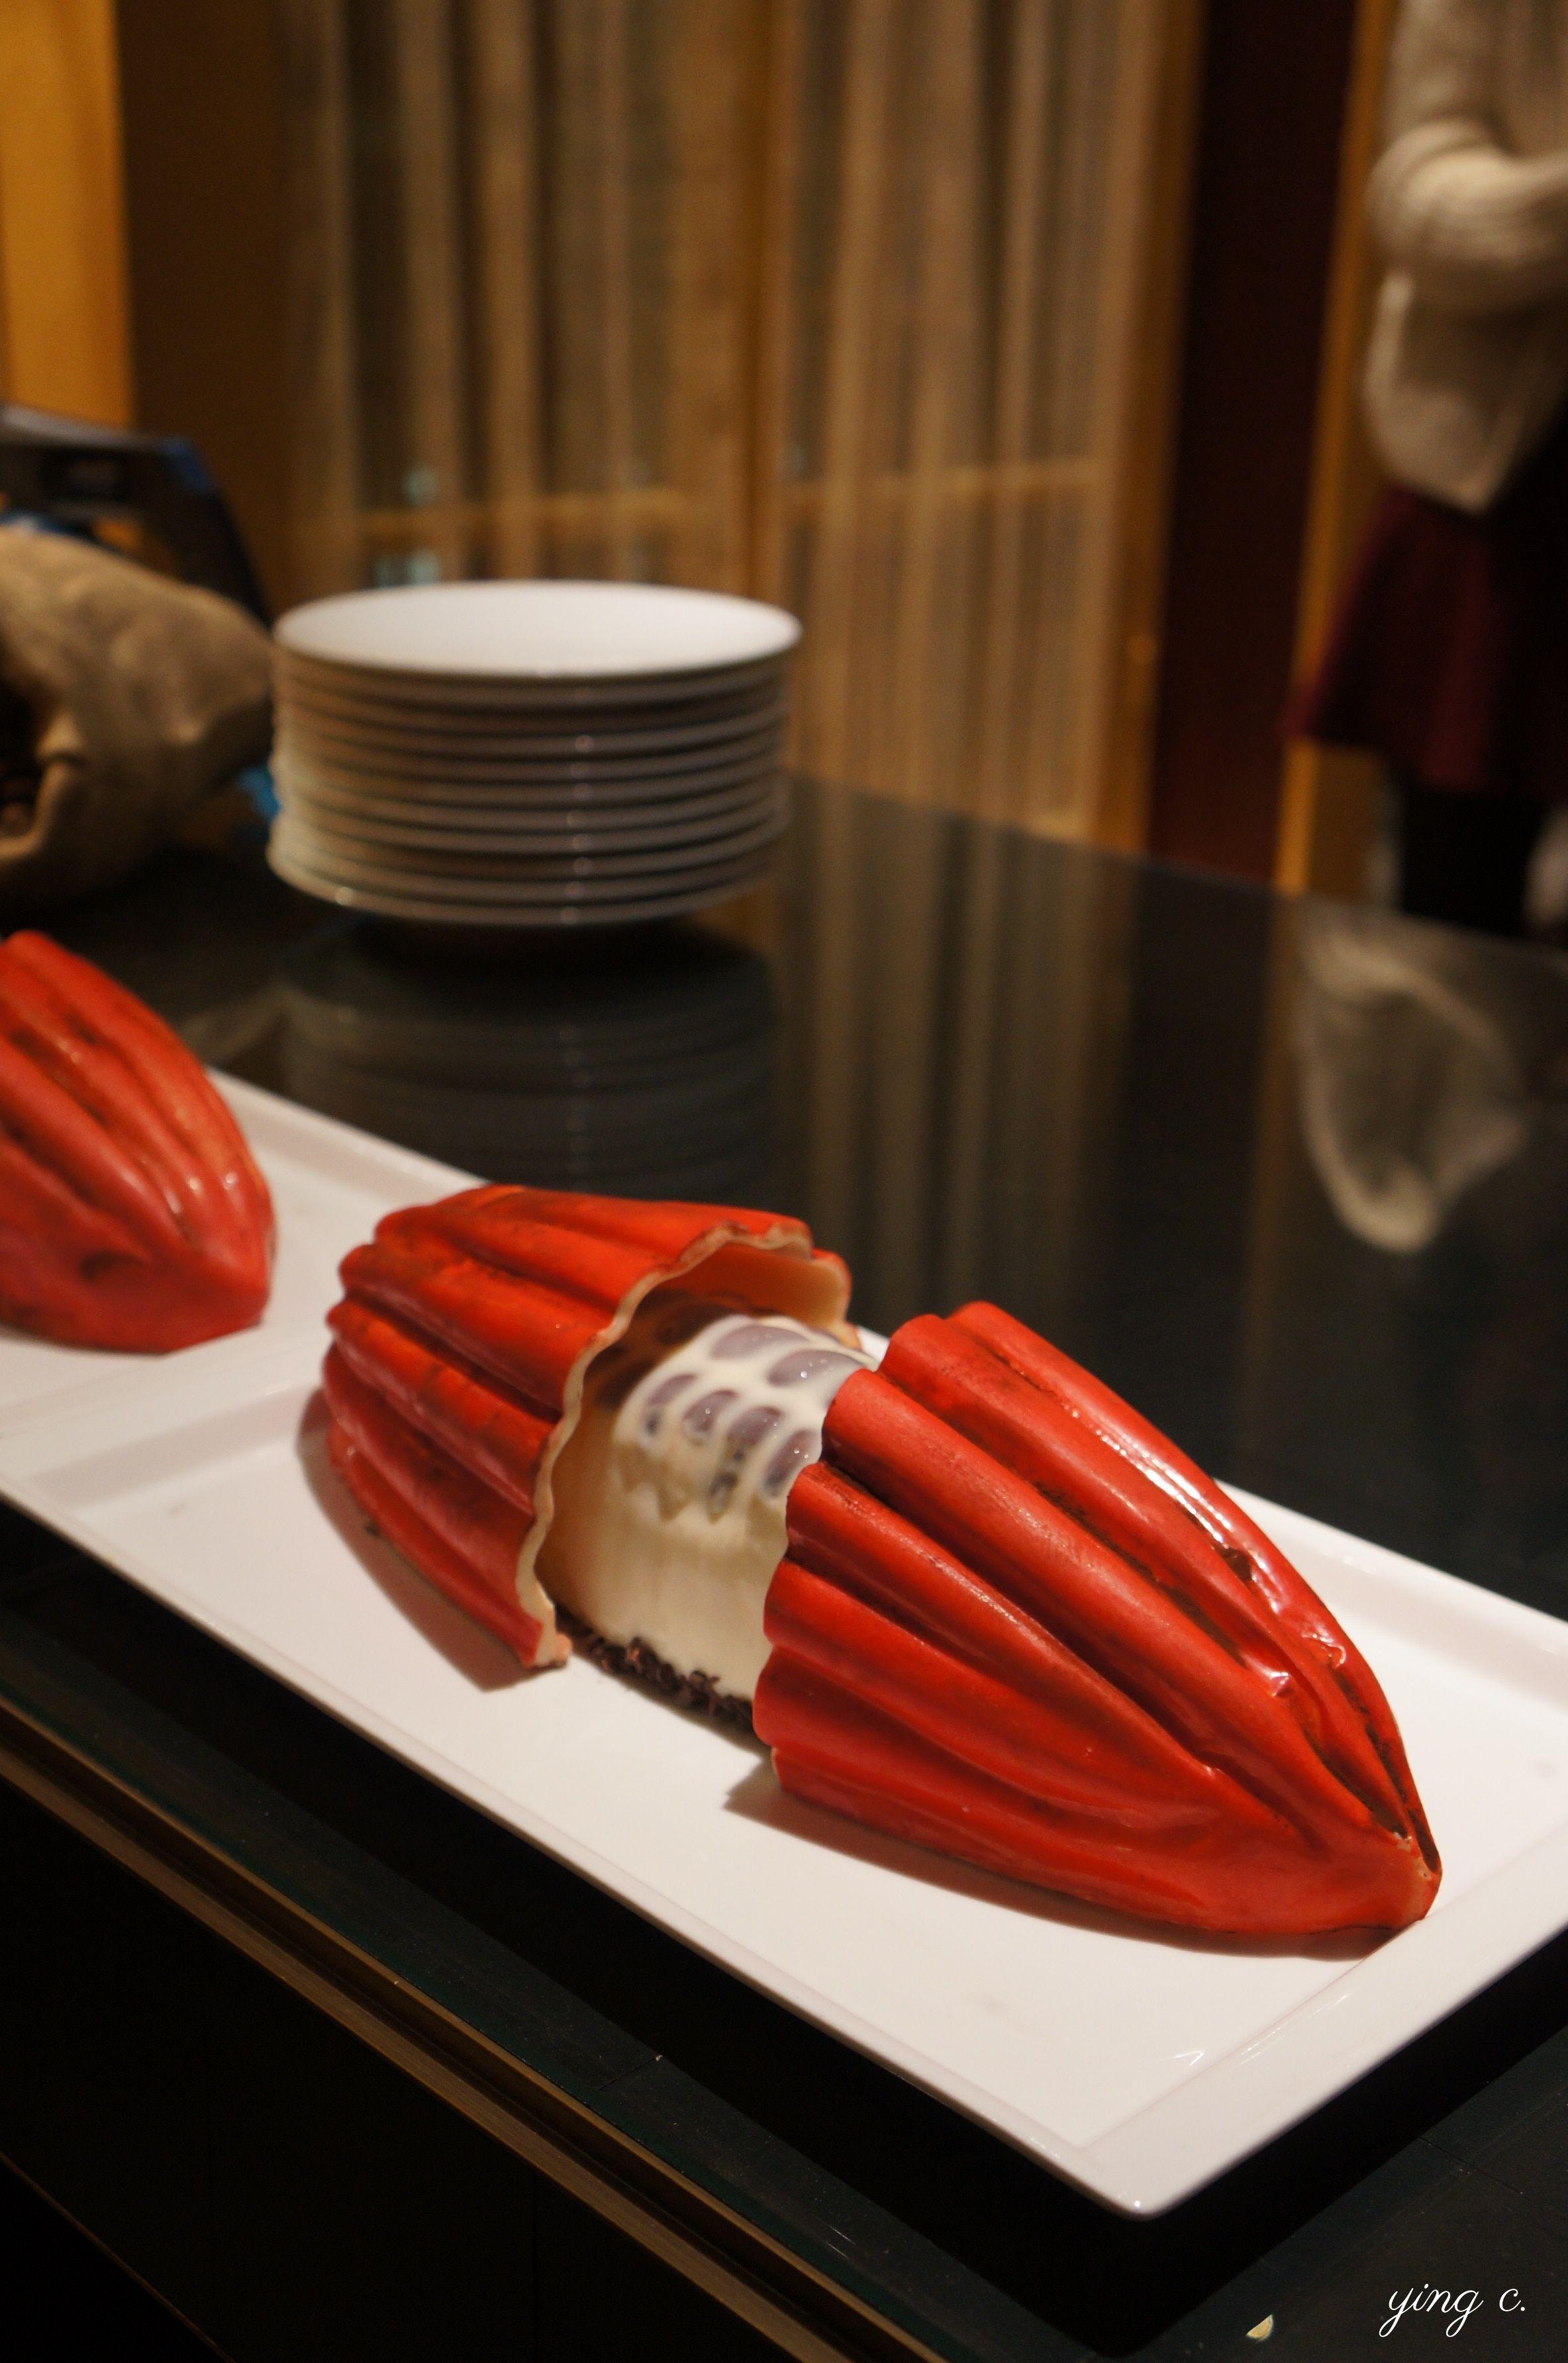 Jimmy Mornet主廚為Park Hyatt Vendôme Paris酒店創作的2018年聖誕節蛋糕「le Cacao」(可可豆)。造型新穎,細節精準。